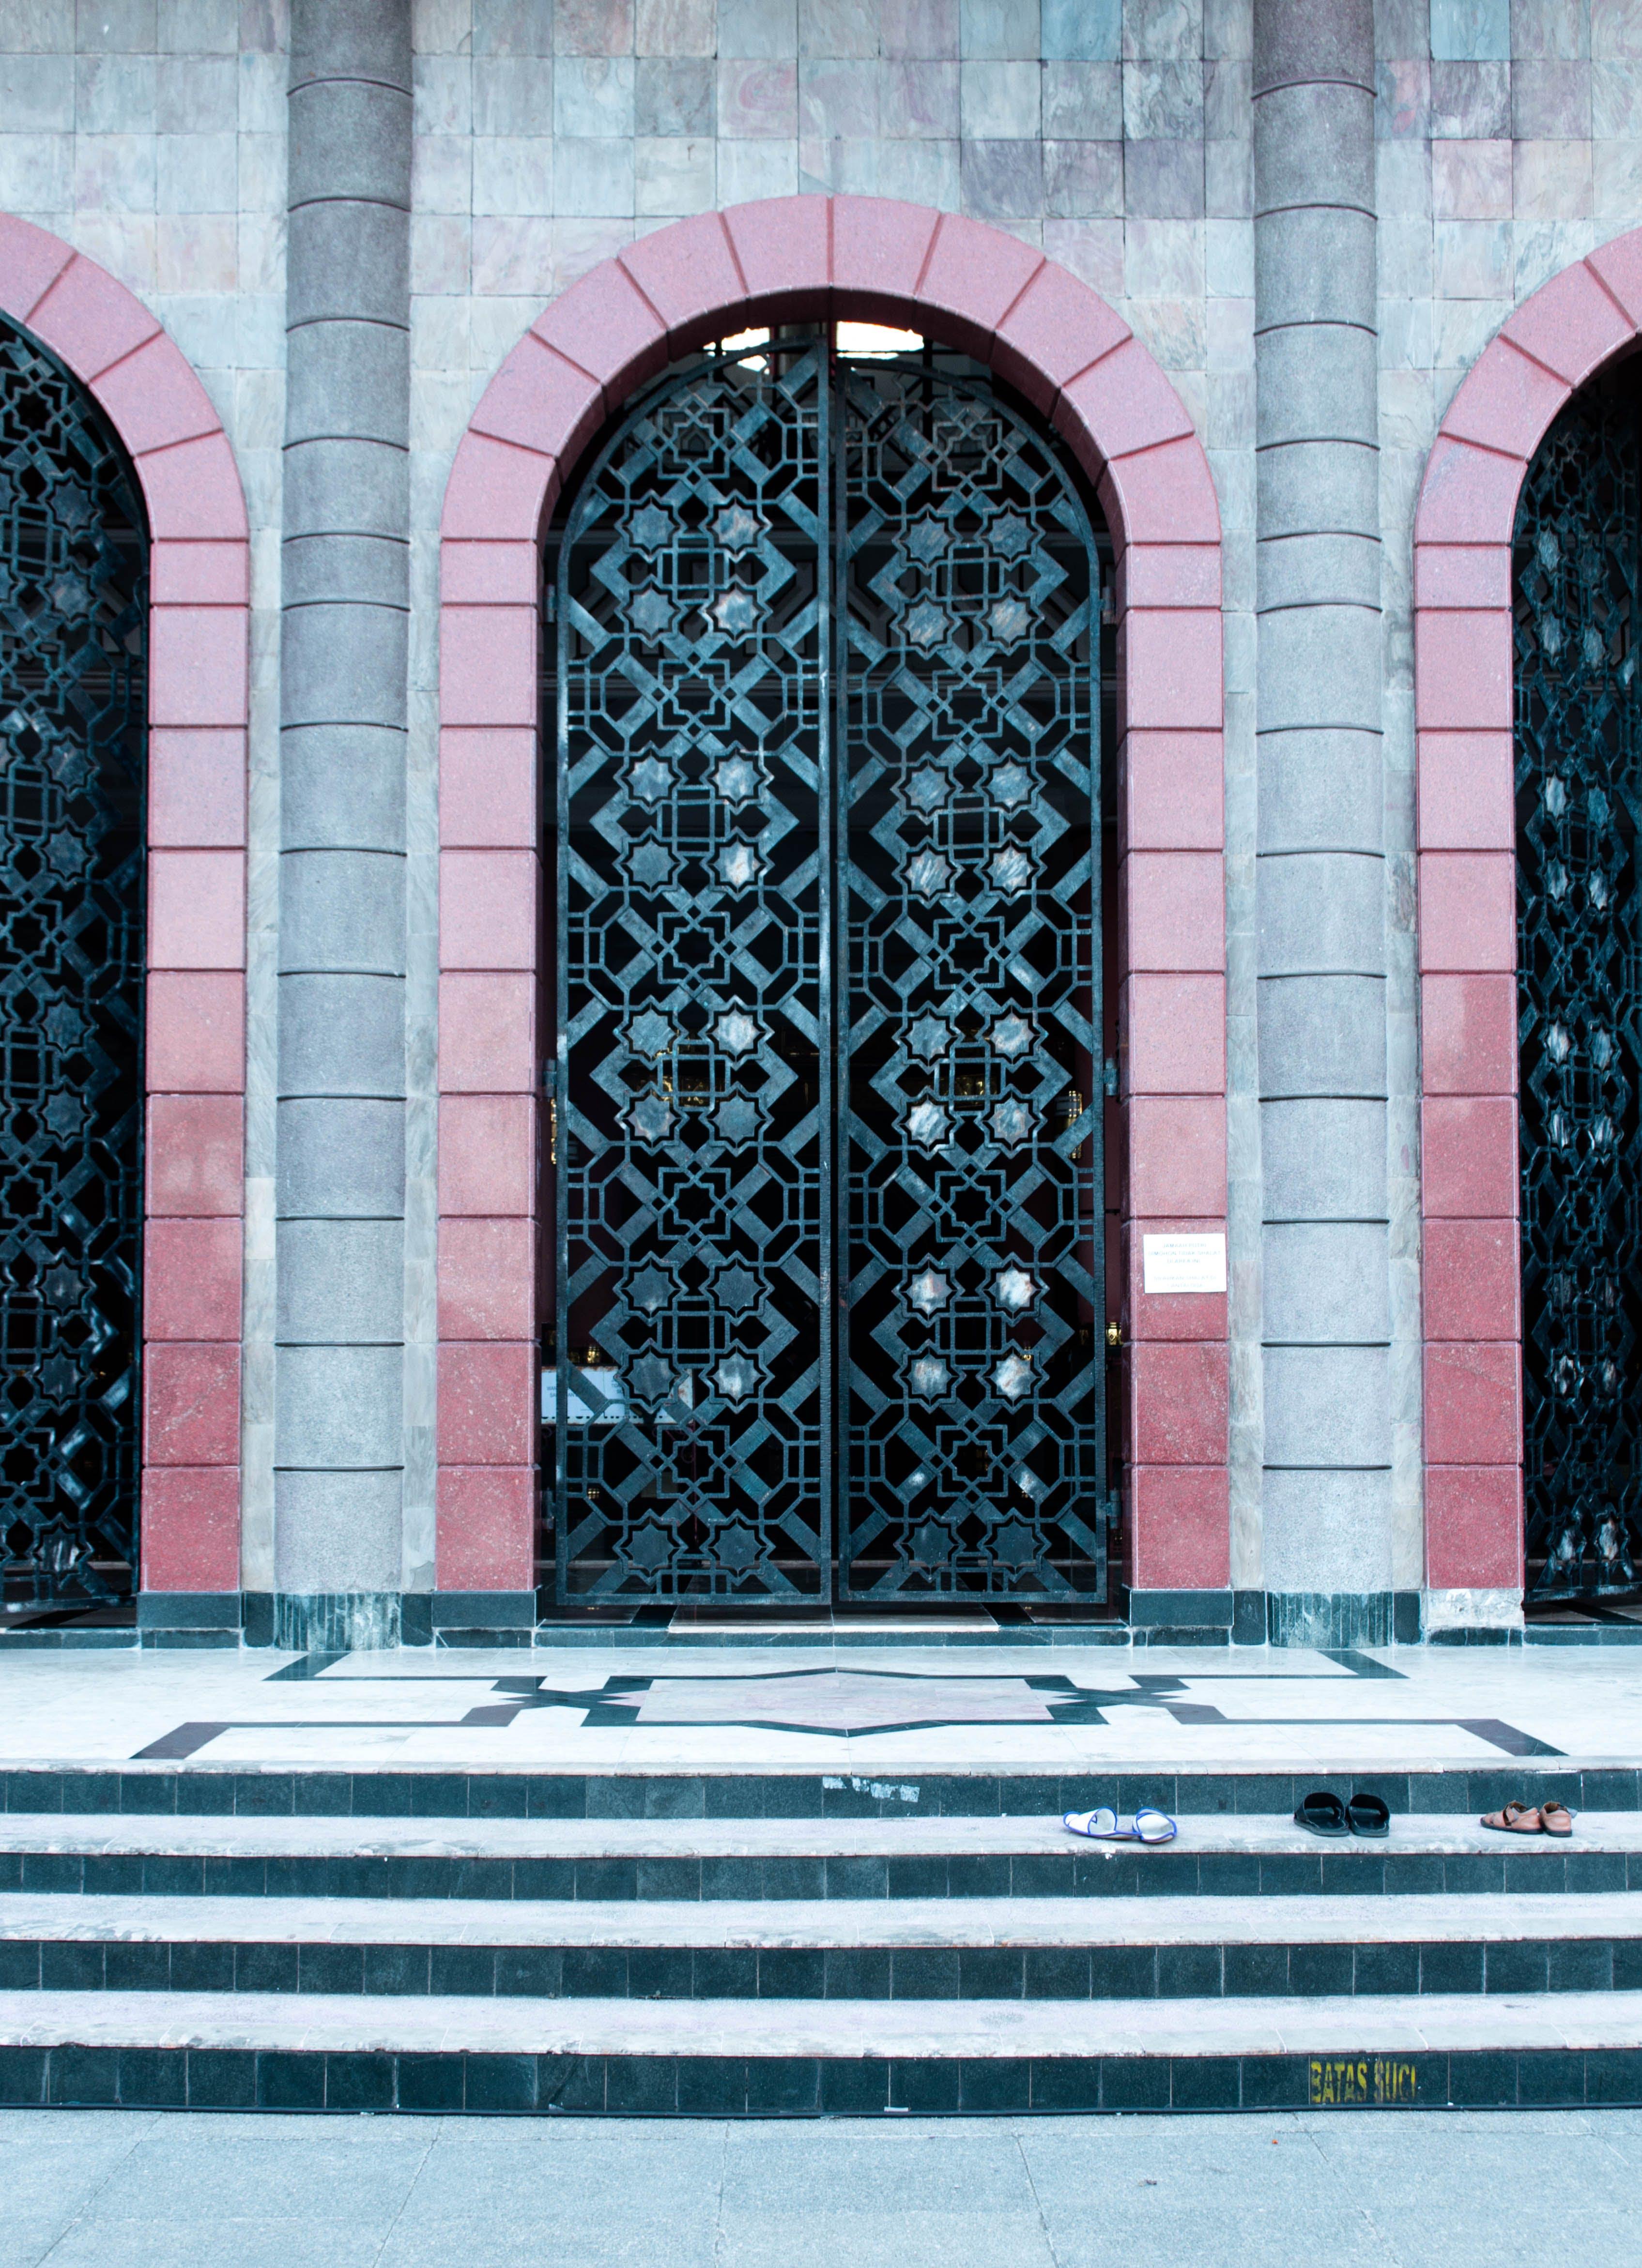 Free stock photo of landscape, door, university, mosque